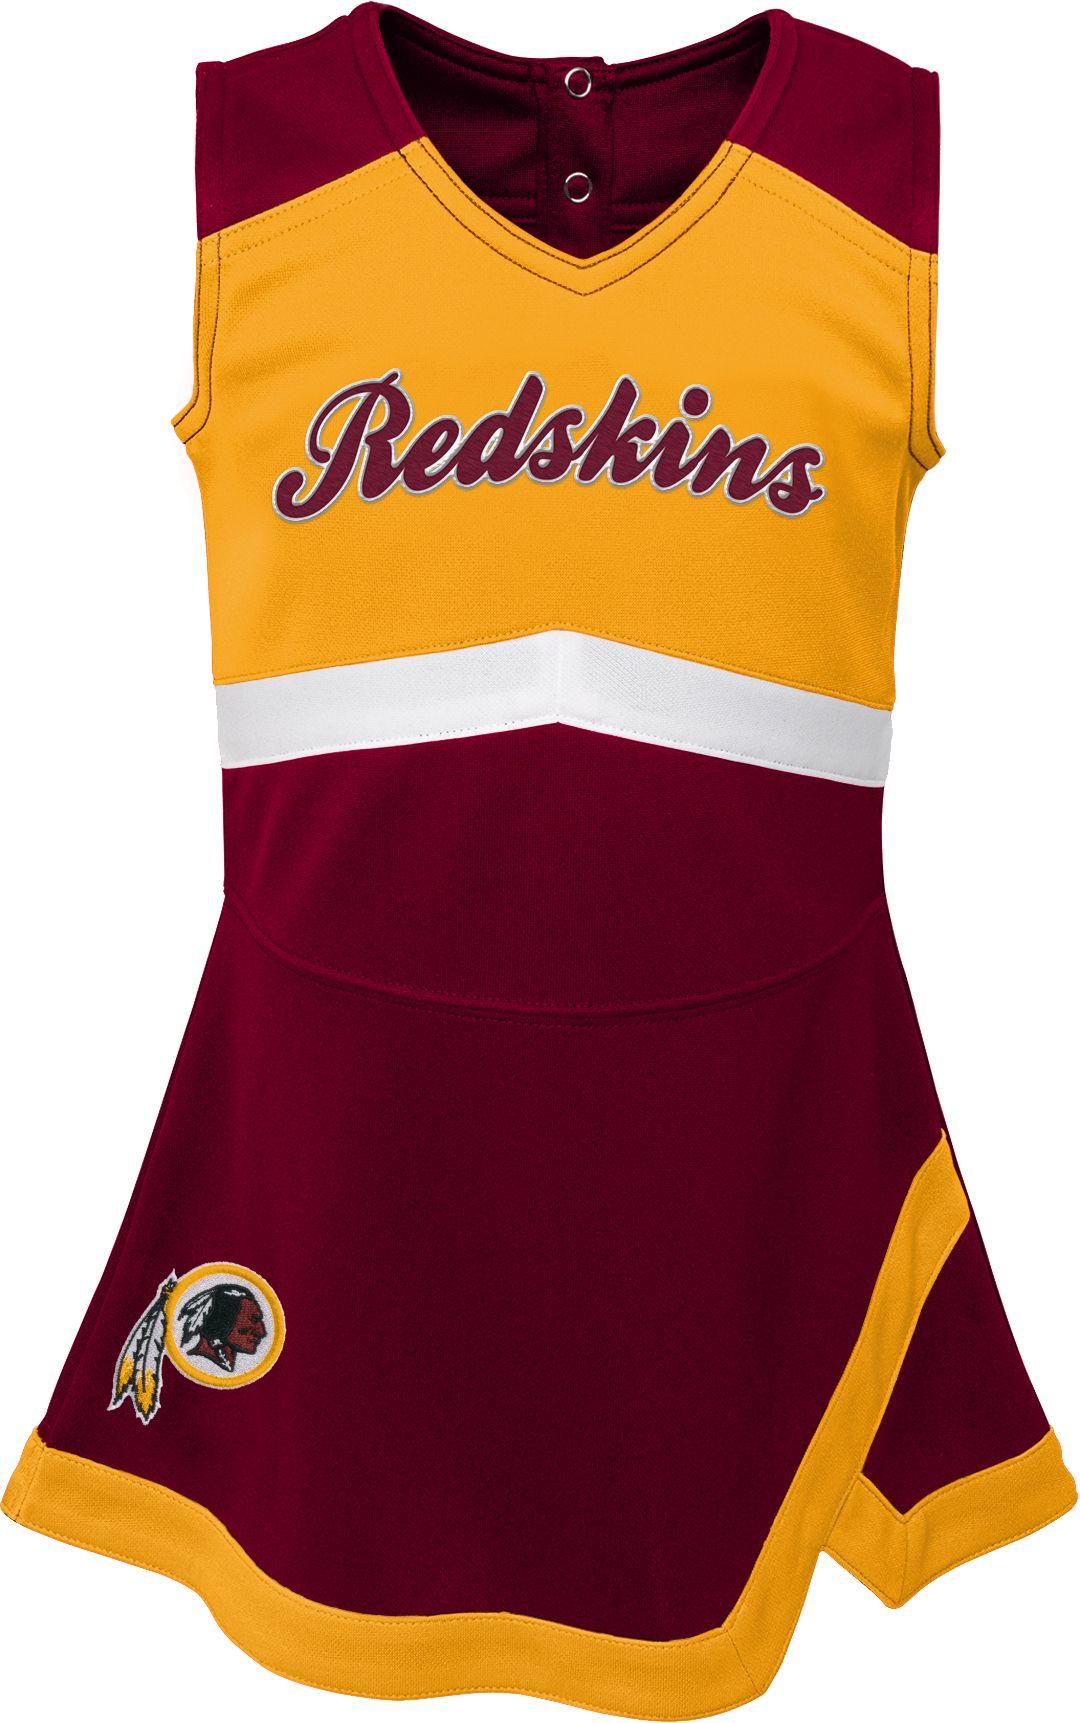 quality design 19775 d3693 NFL Team Apparel Toddler Washington Redskins Cheer Jumper Dress